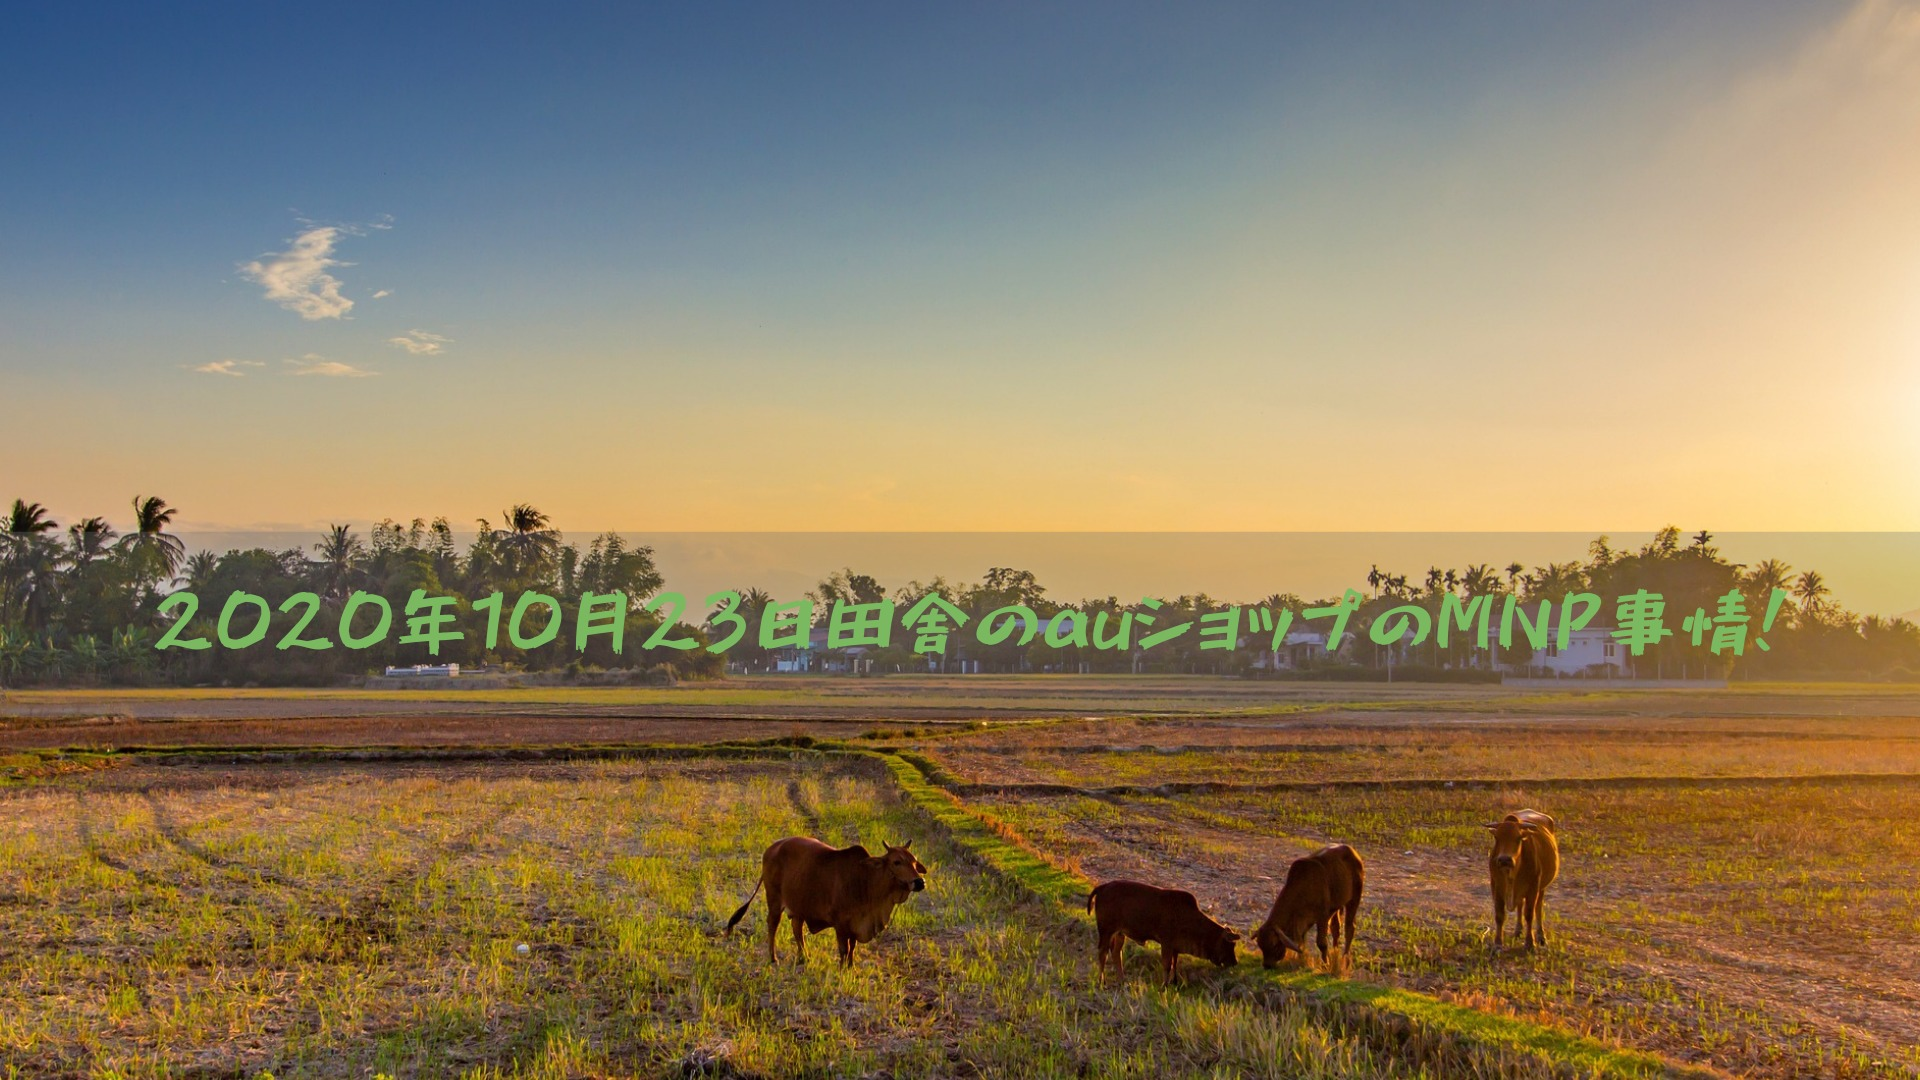 2020年10月23日田舎のauショップのMNP事情!